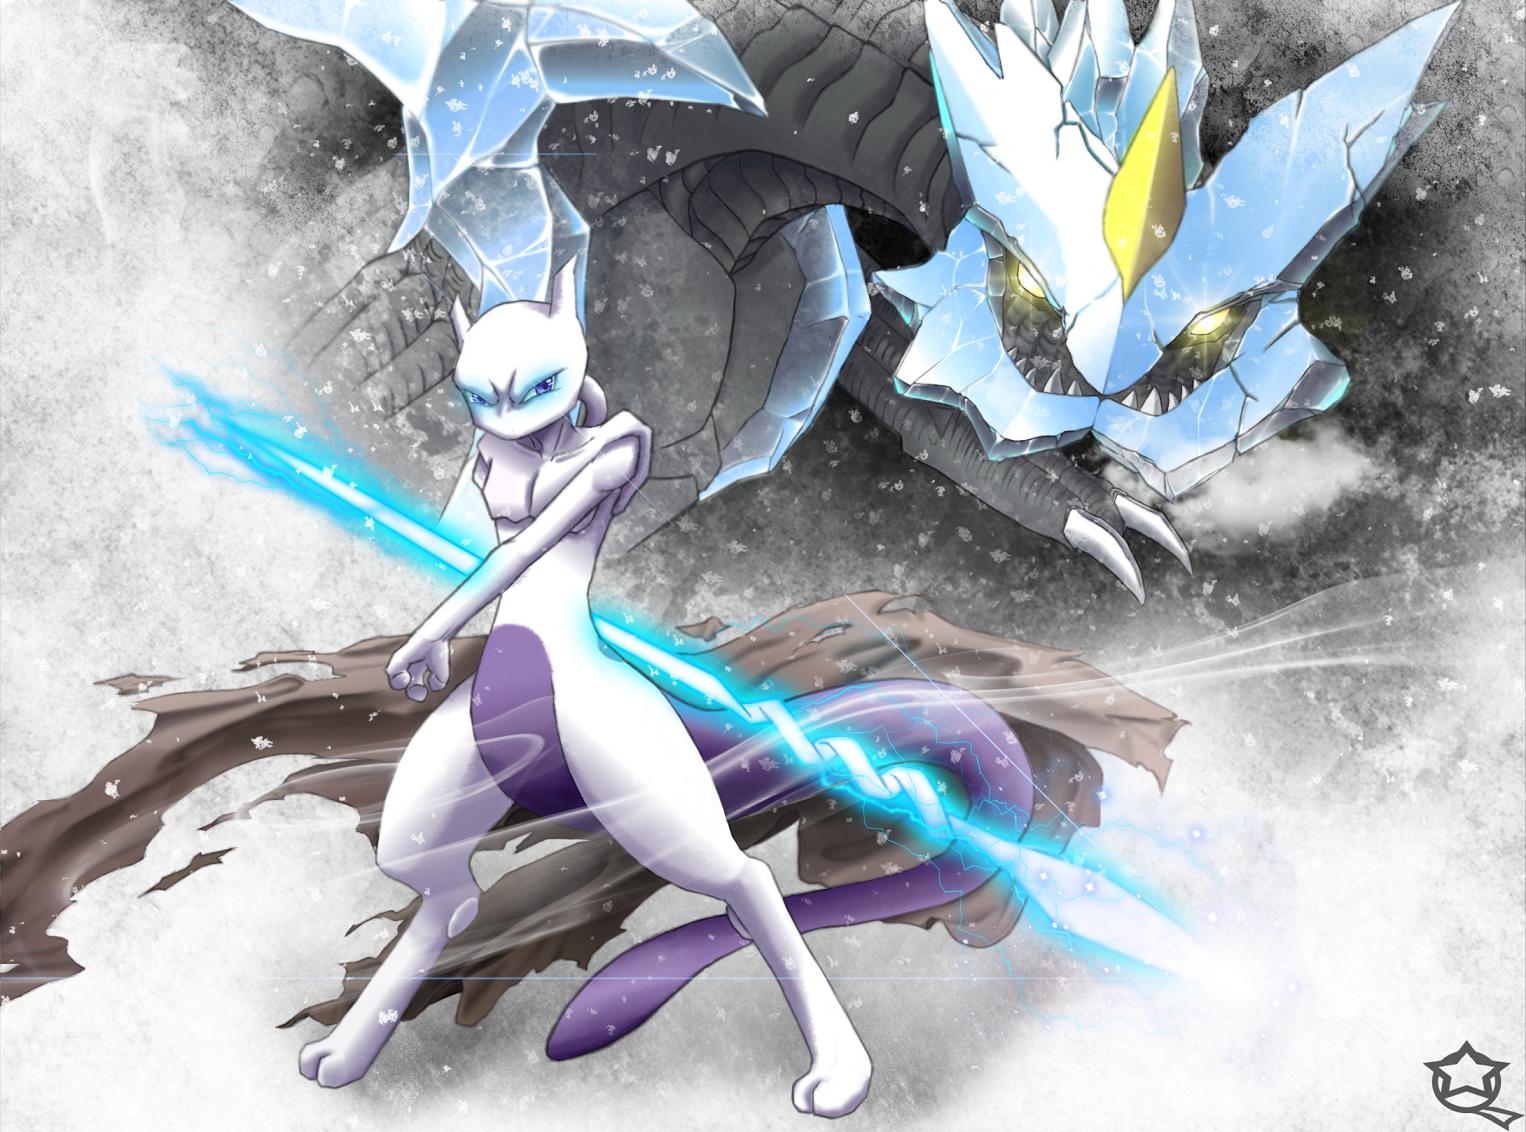 Anime - Pokémon  Mewtwo (Pokémon) Kyurem (Pokemon) Wallpaper